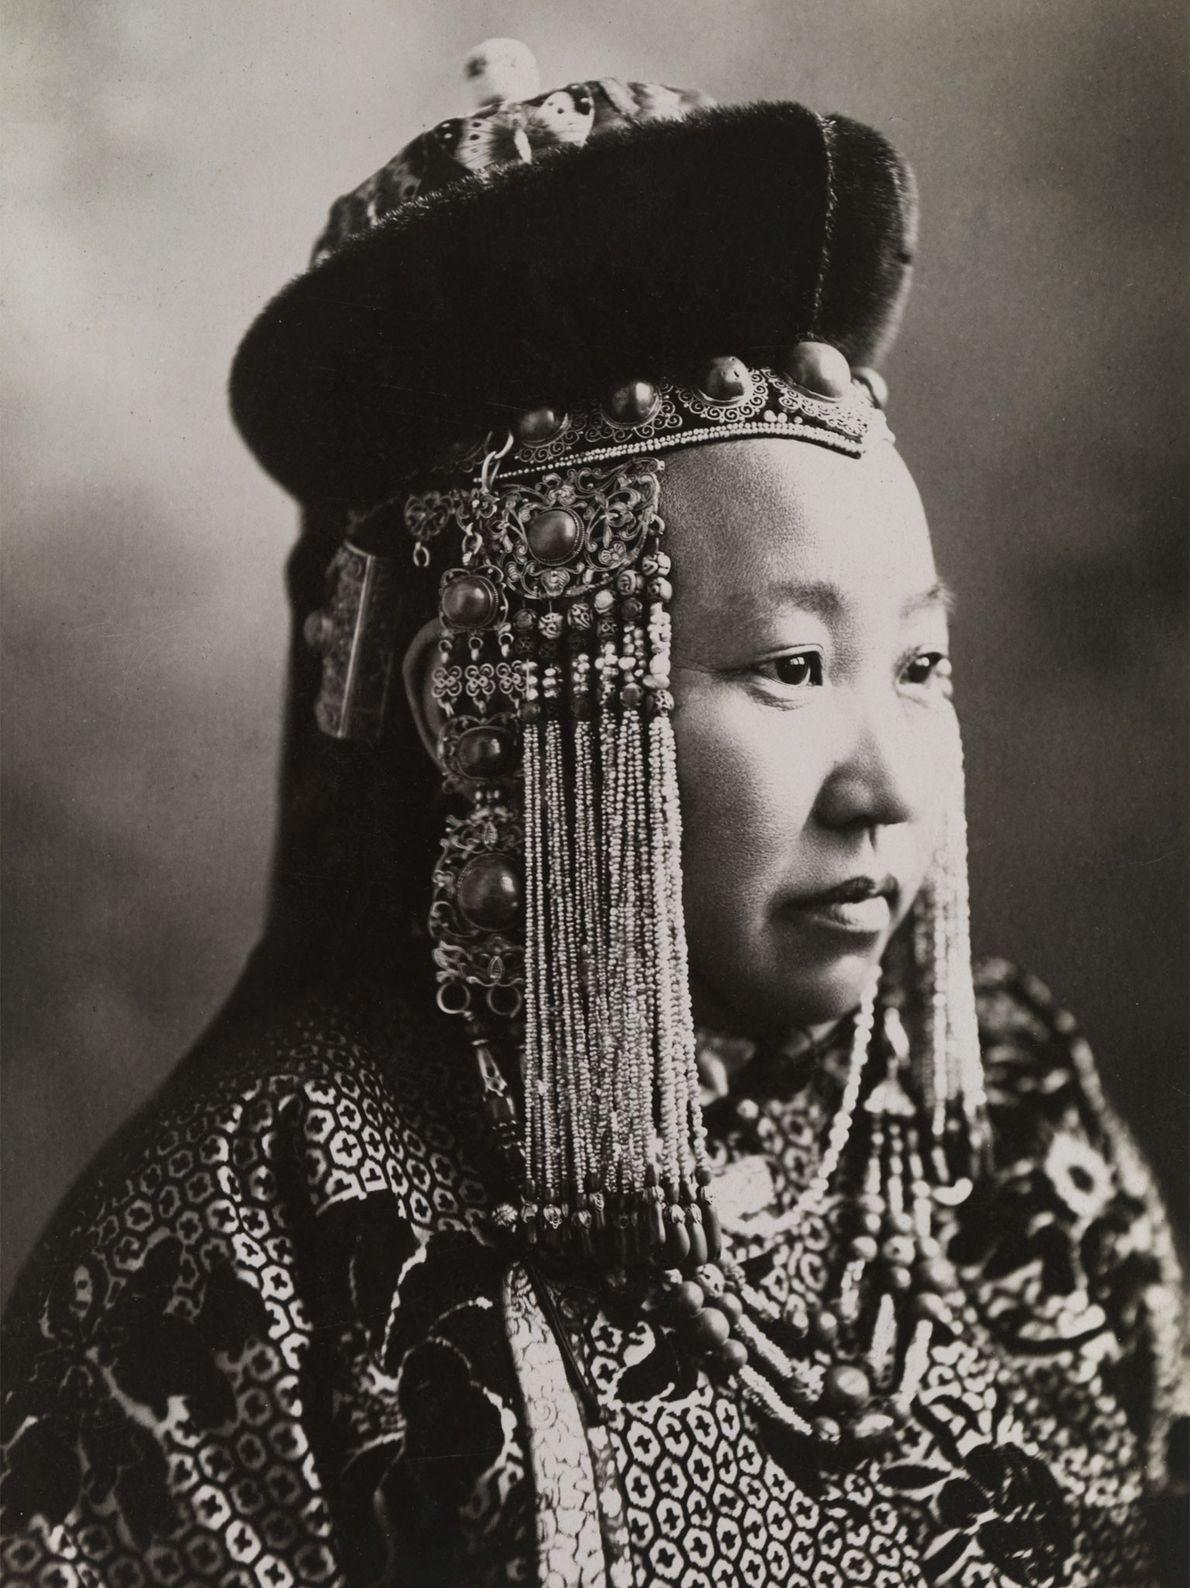 Uma princesa da Mongólia veste um completo vestido cerimonial, incluindo um tradicional chapéu mongol.